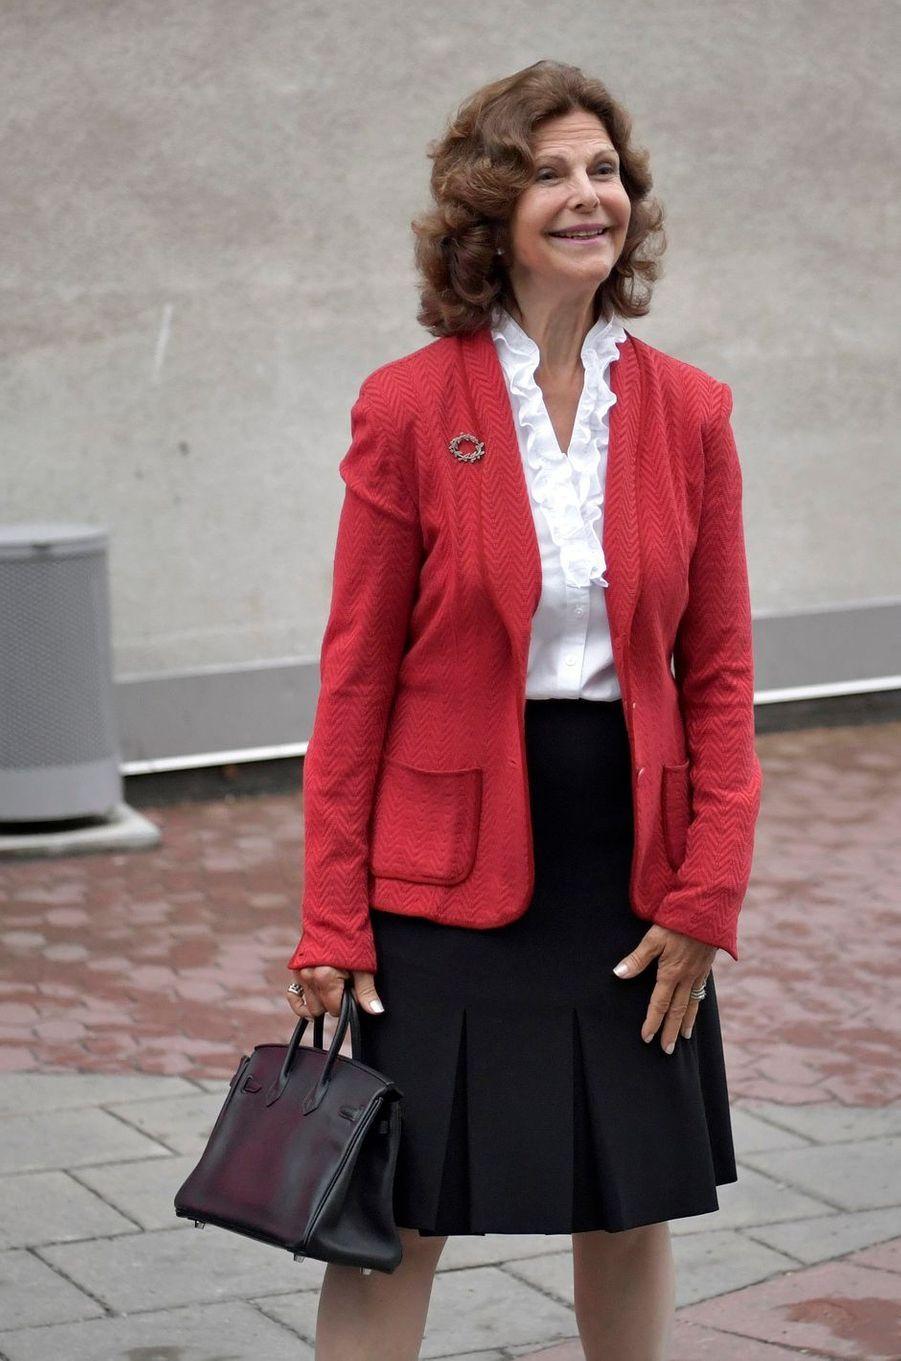 La reine Silvia de Suède, ravie d'être à nouveau grand-mère, à Stockholm le 31 août 2017